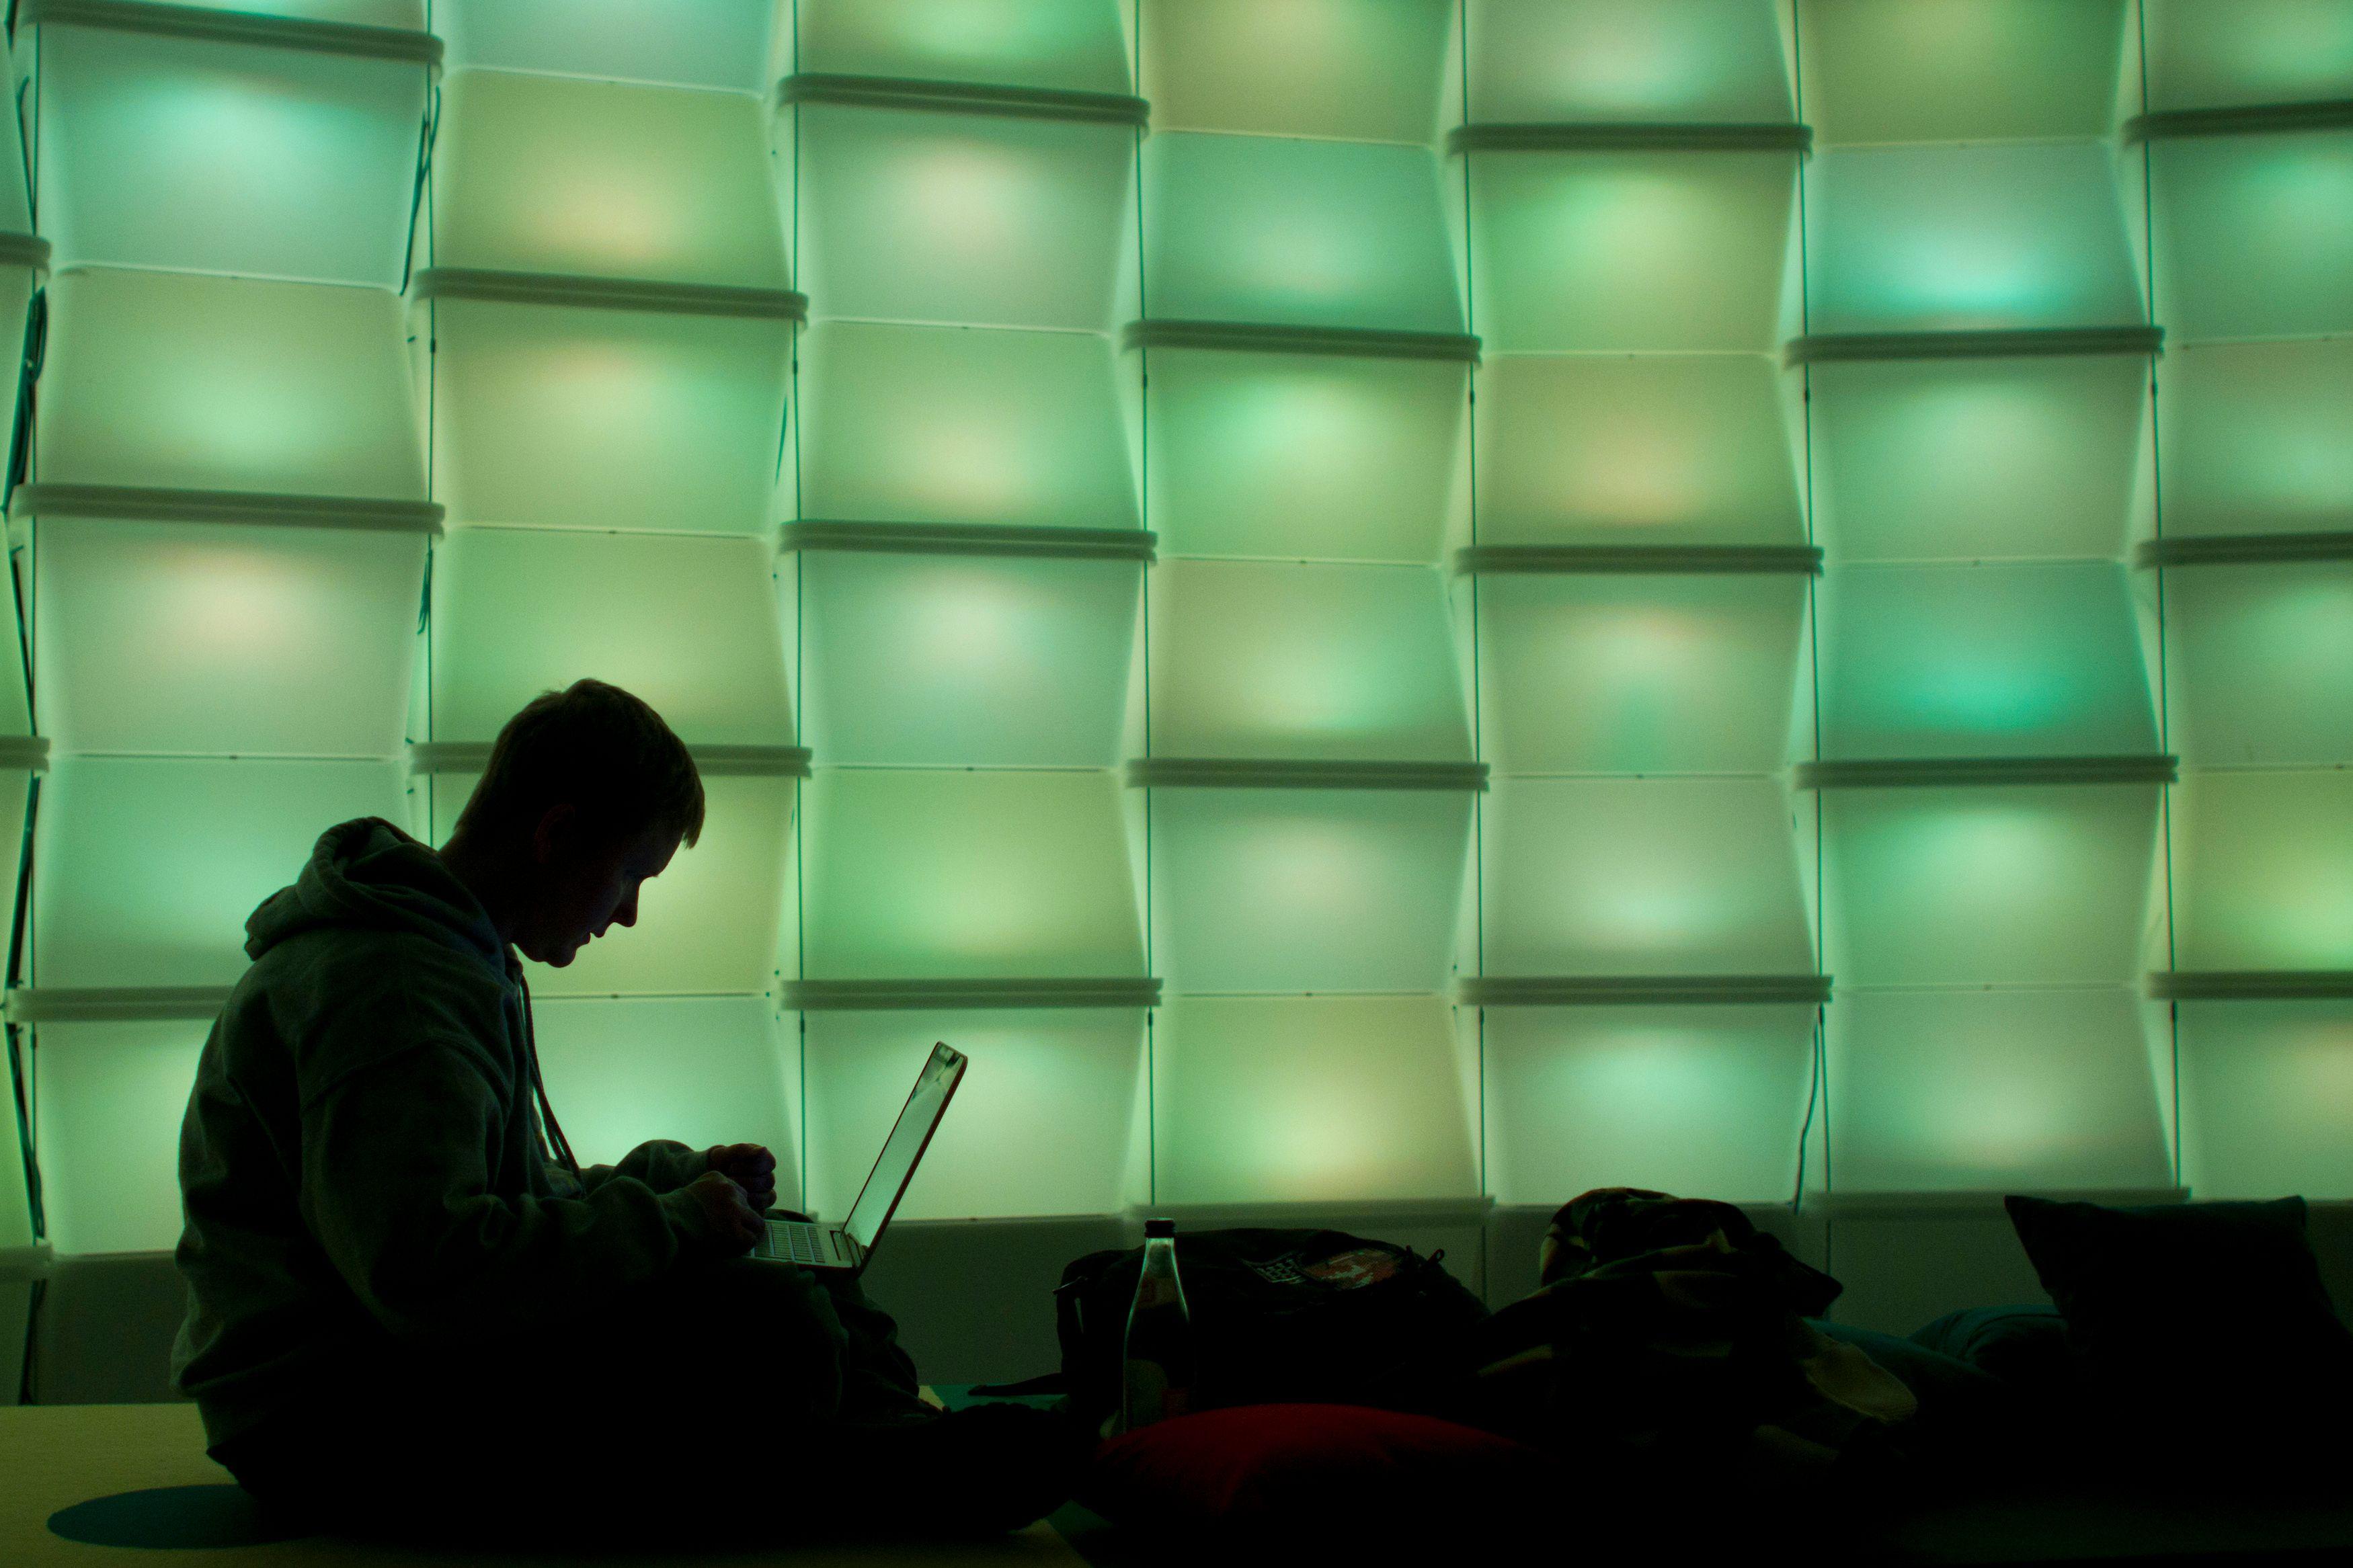 Piratage de données : l'UE impose des règles de sécurité ultra strictes mais passe pour partie à côté du sujet